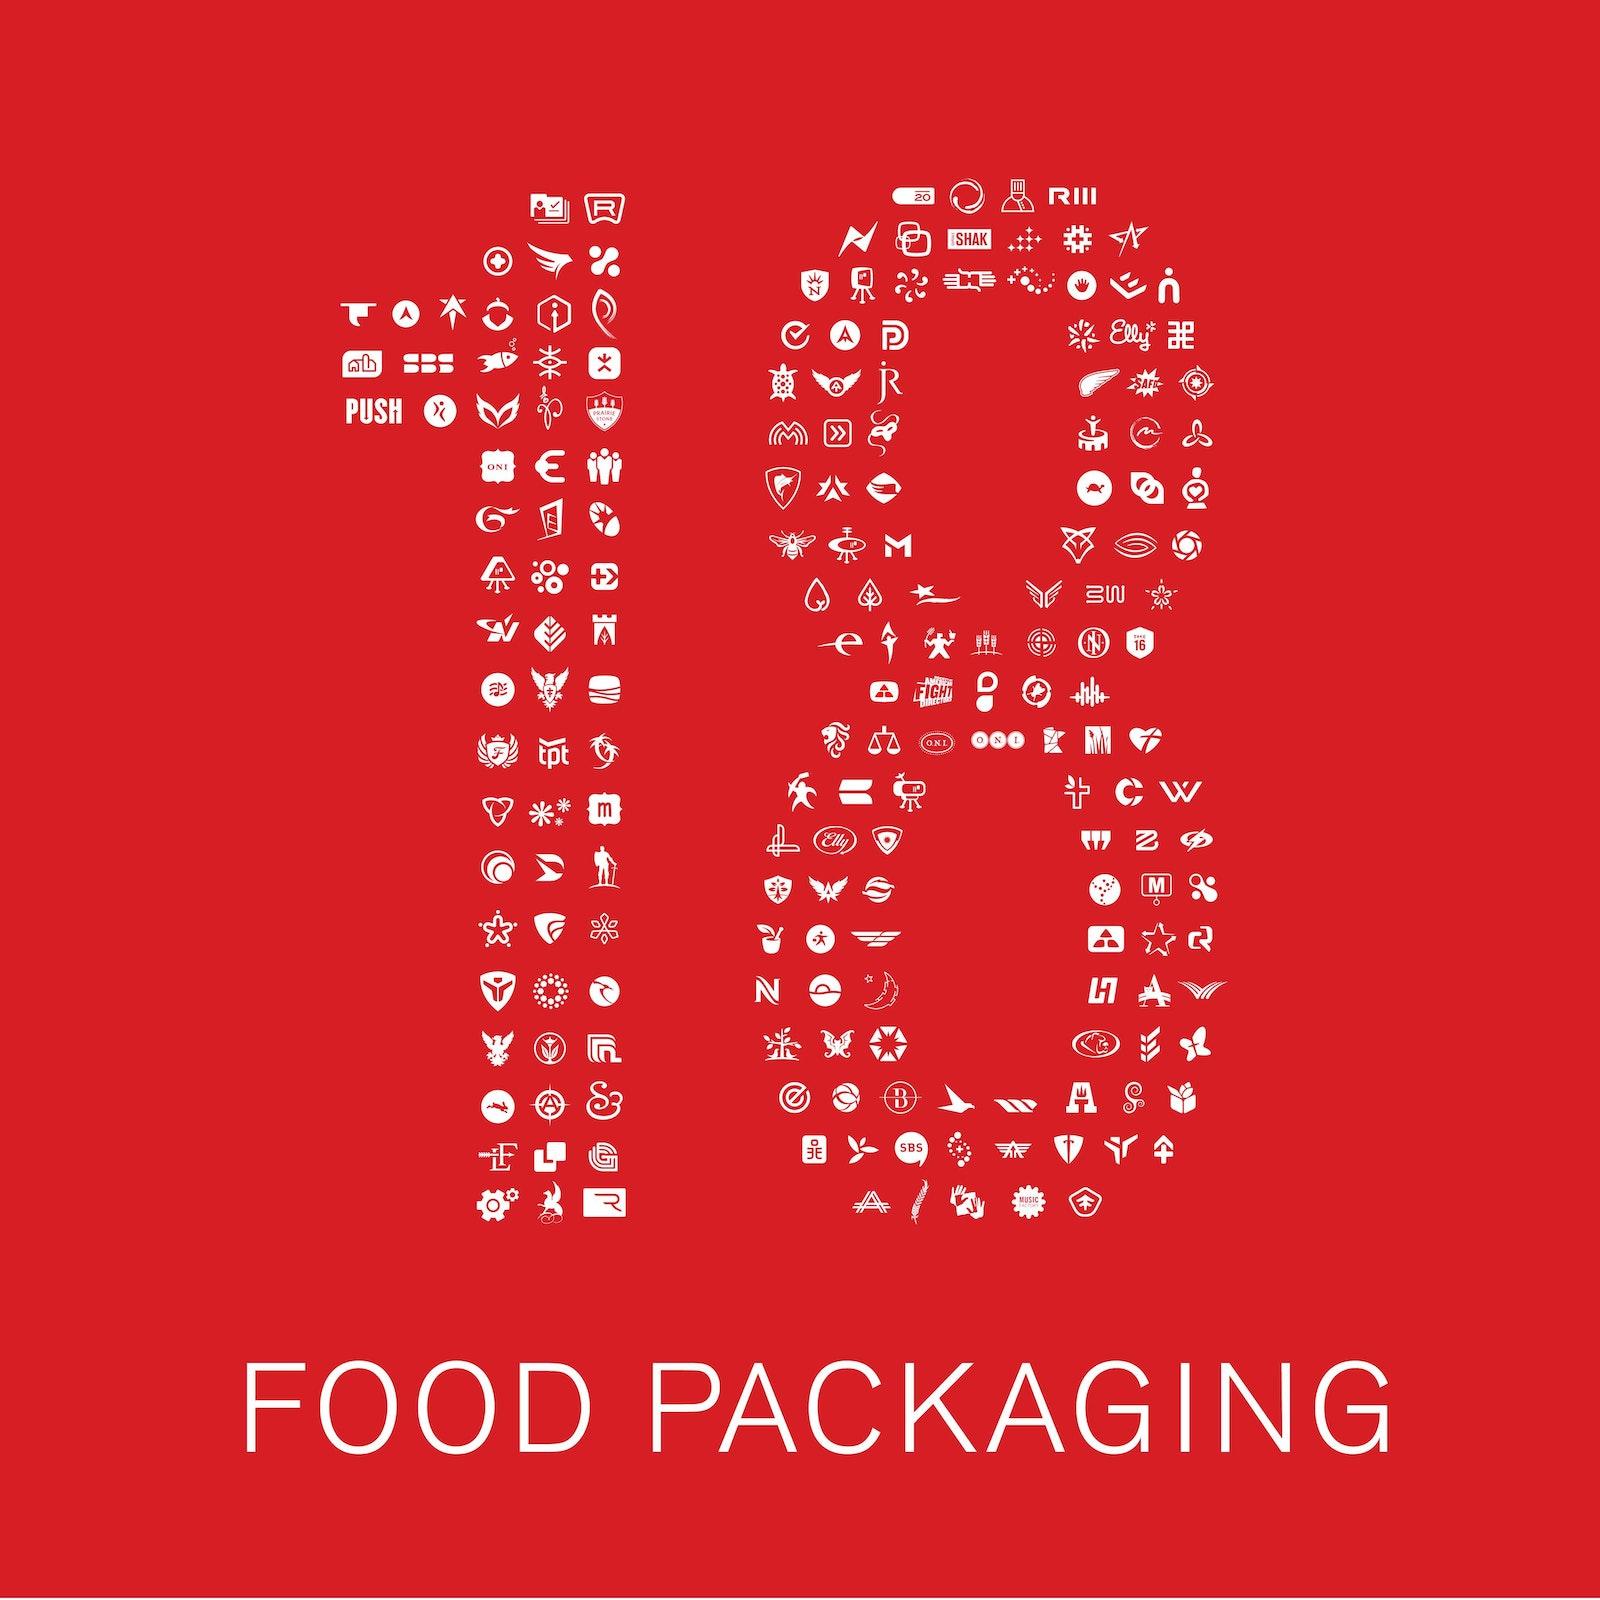 Capsule18 Food Packaging